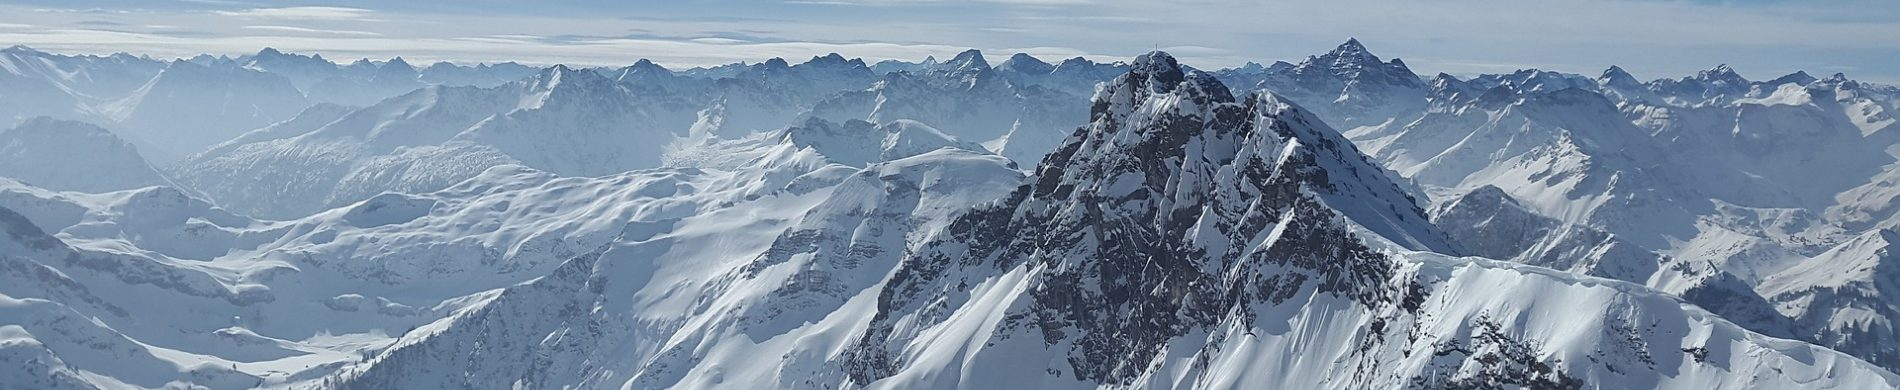 Autriche - Raid à ski dans le Massif de l'Otztal - Les matins du monde